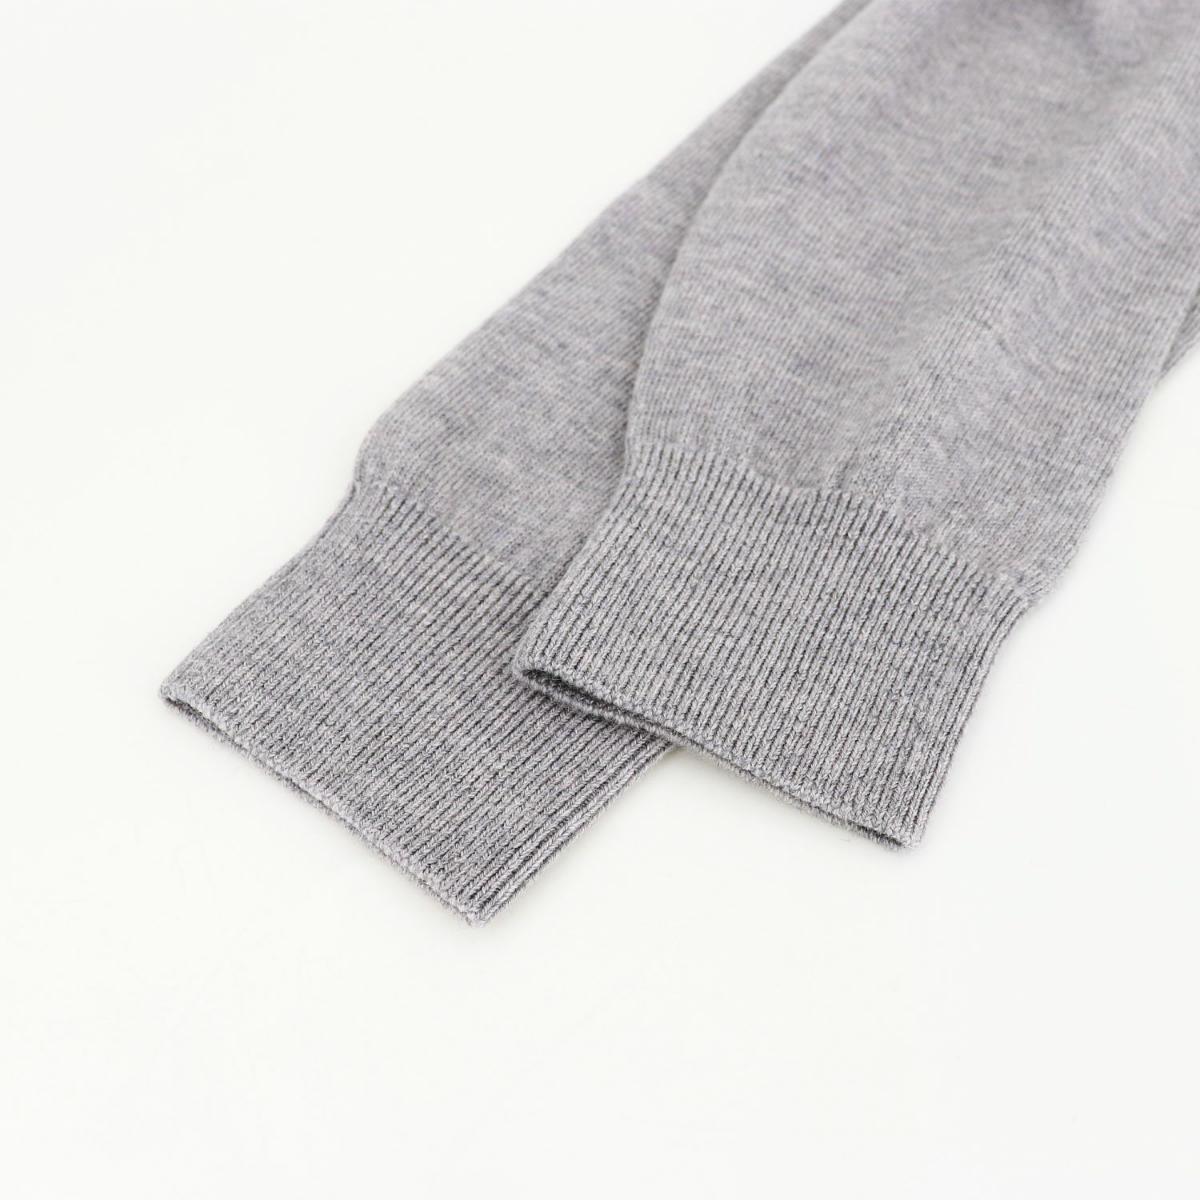 スウィープ ロサンゼルス Sweep!! LosAngeles メンズ ウール タートルネックセーター 12G  SL190001 GRAY (グレー)